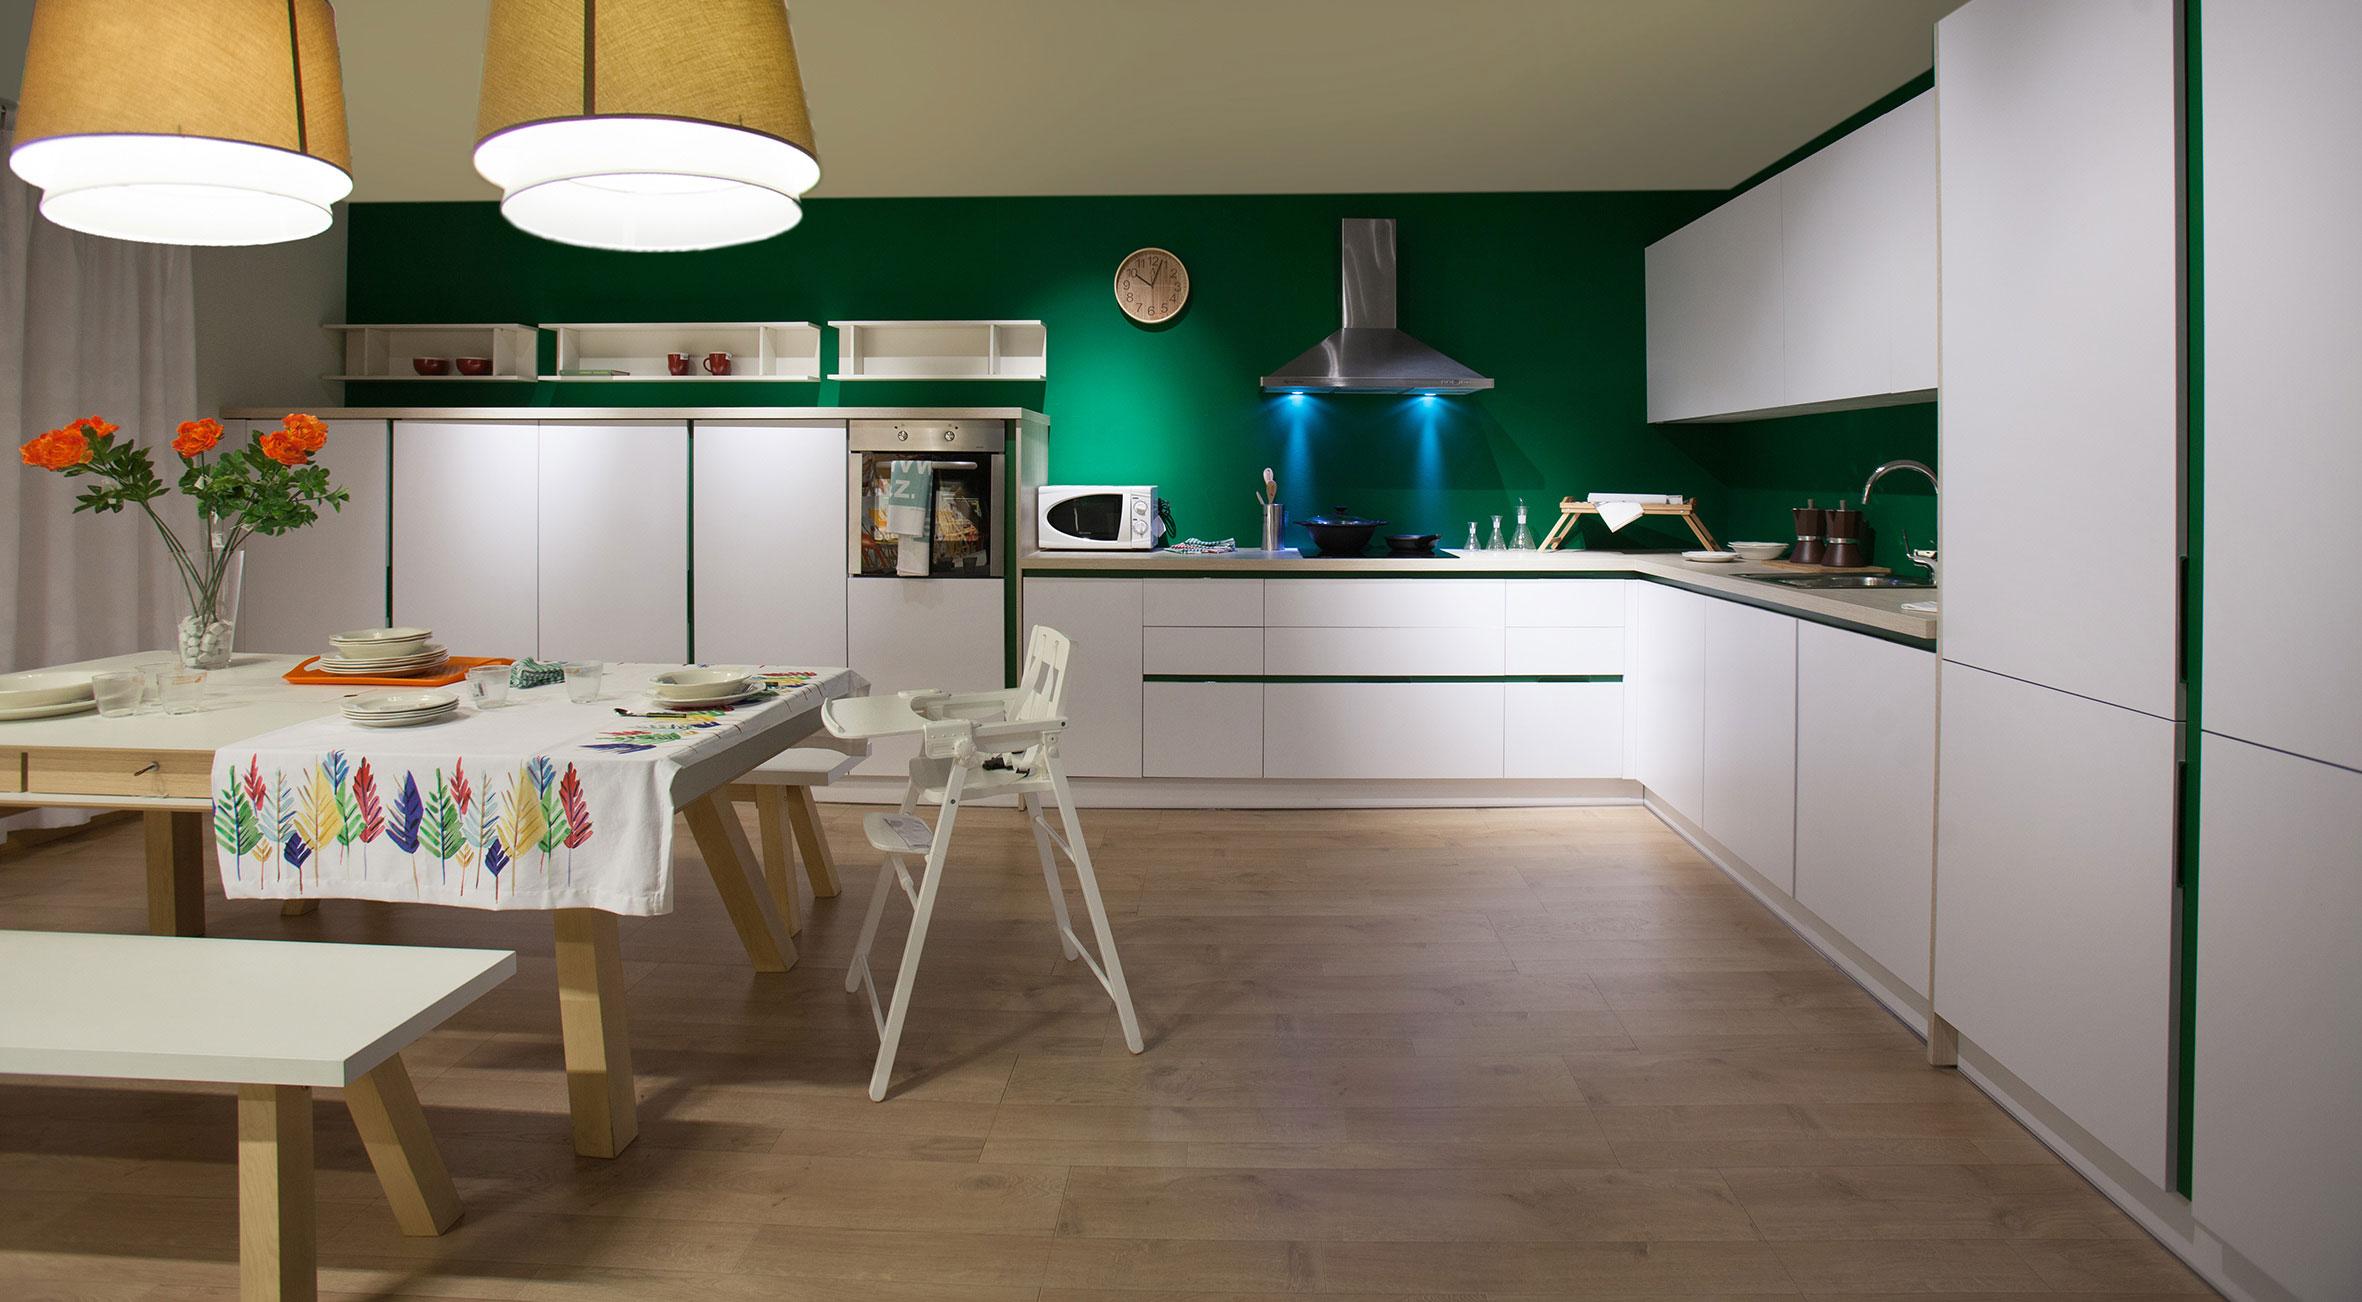 Teyoland lanza su primer cat logo de cocinas - Cocina hogar chiclana catalogo ...